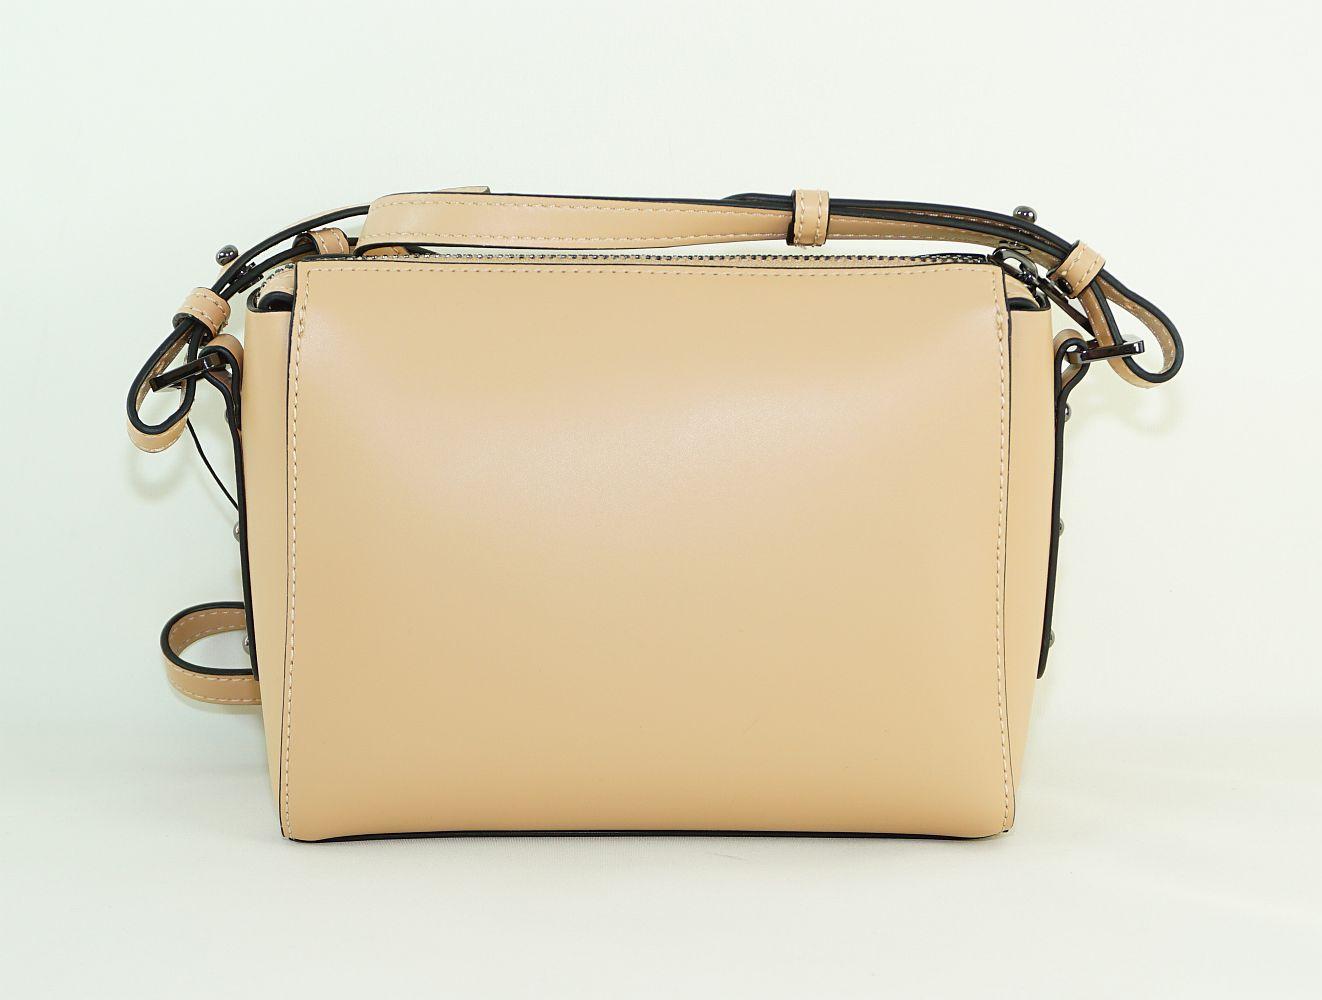 Armani Jeans Tasche Borsa Tracolla Castiglia 922176 7P757 00470 Cipria Handtasche S17-AJT1